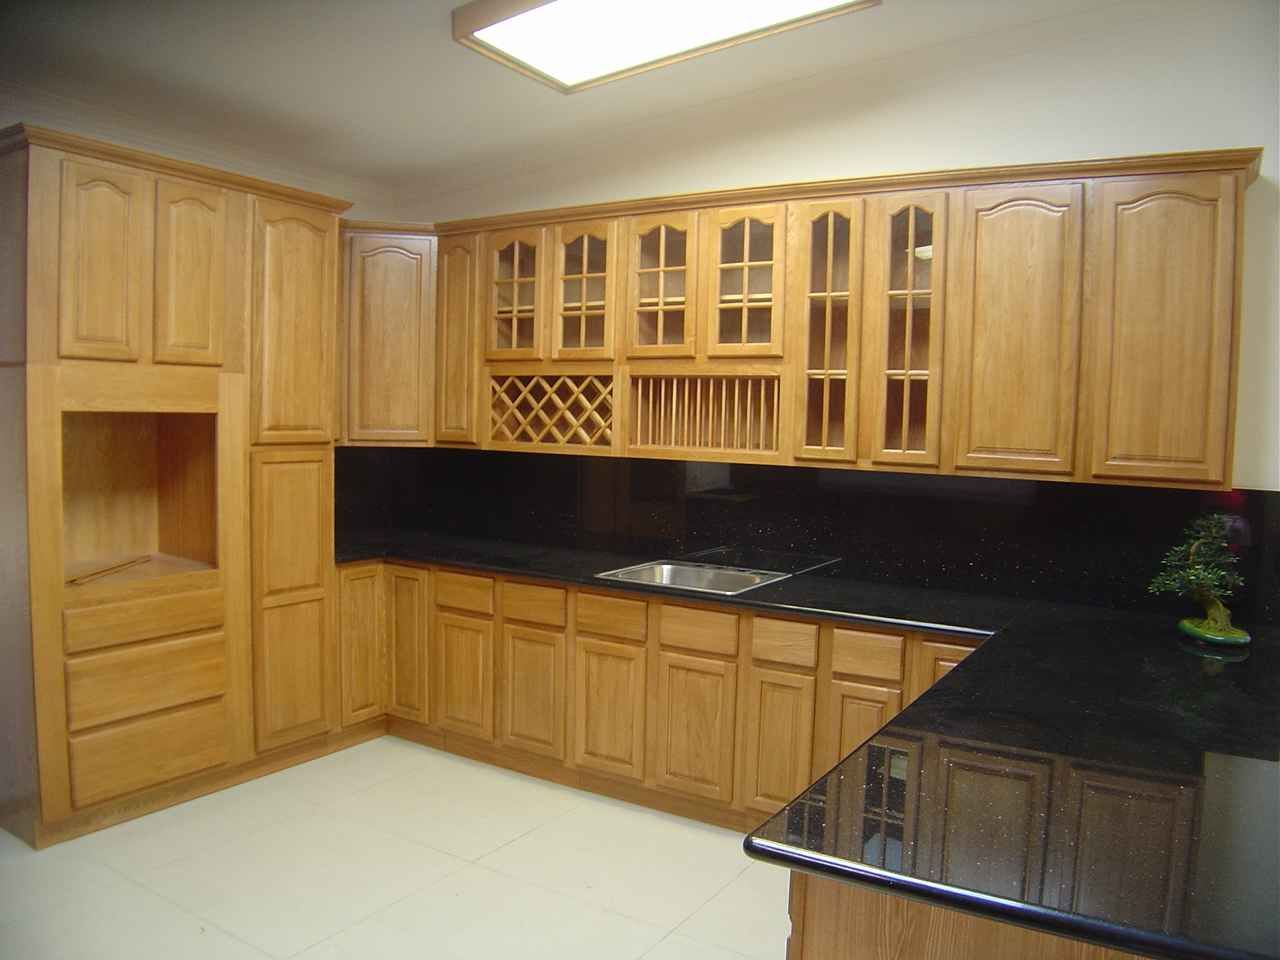 Kitchen Countertops Design 2 Kitchen Cabinet Styles Simple Kitchen Design Kitchen Cabinets Pictures